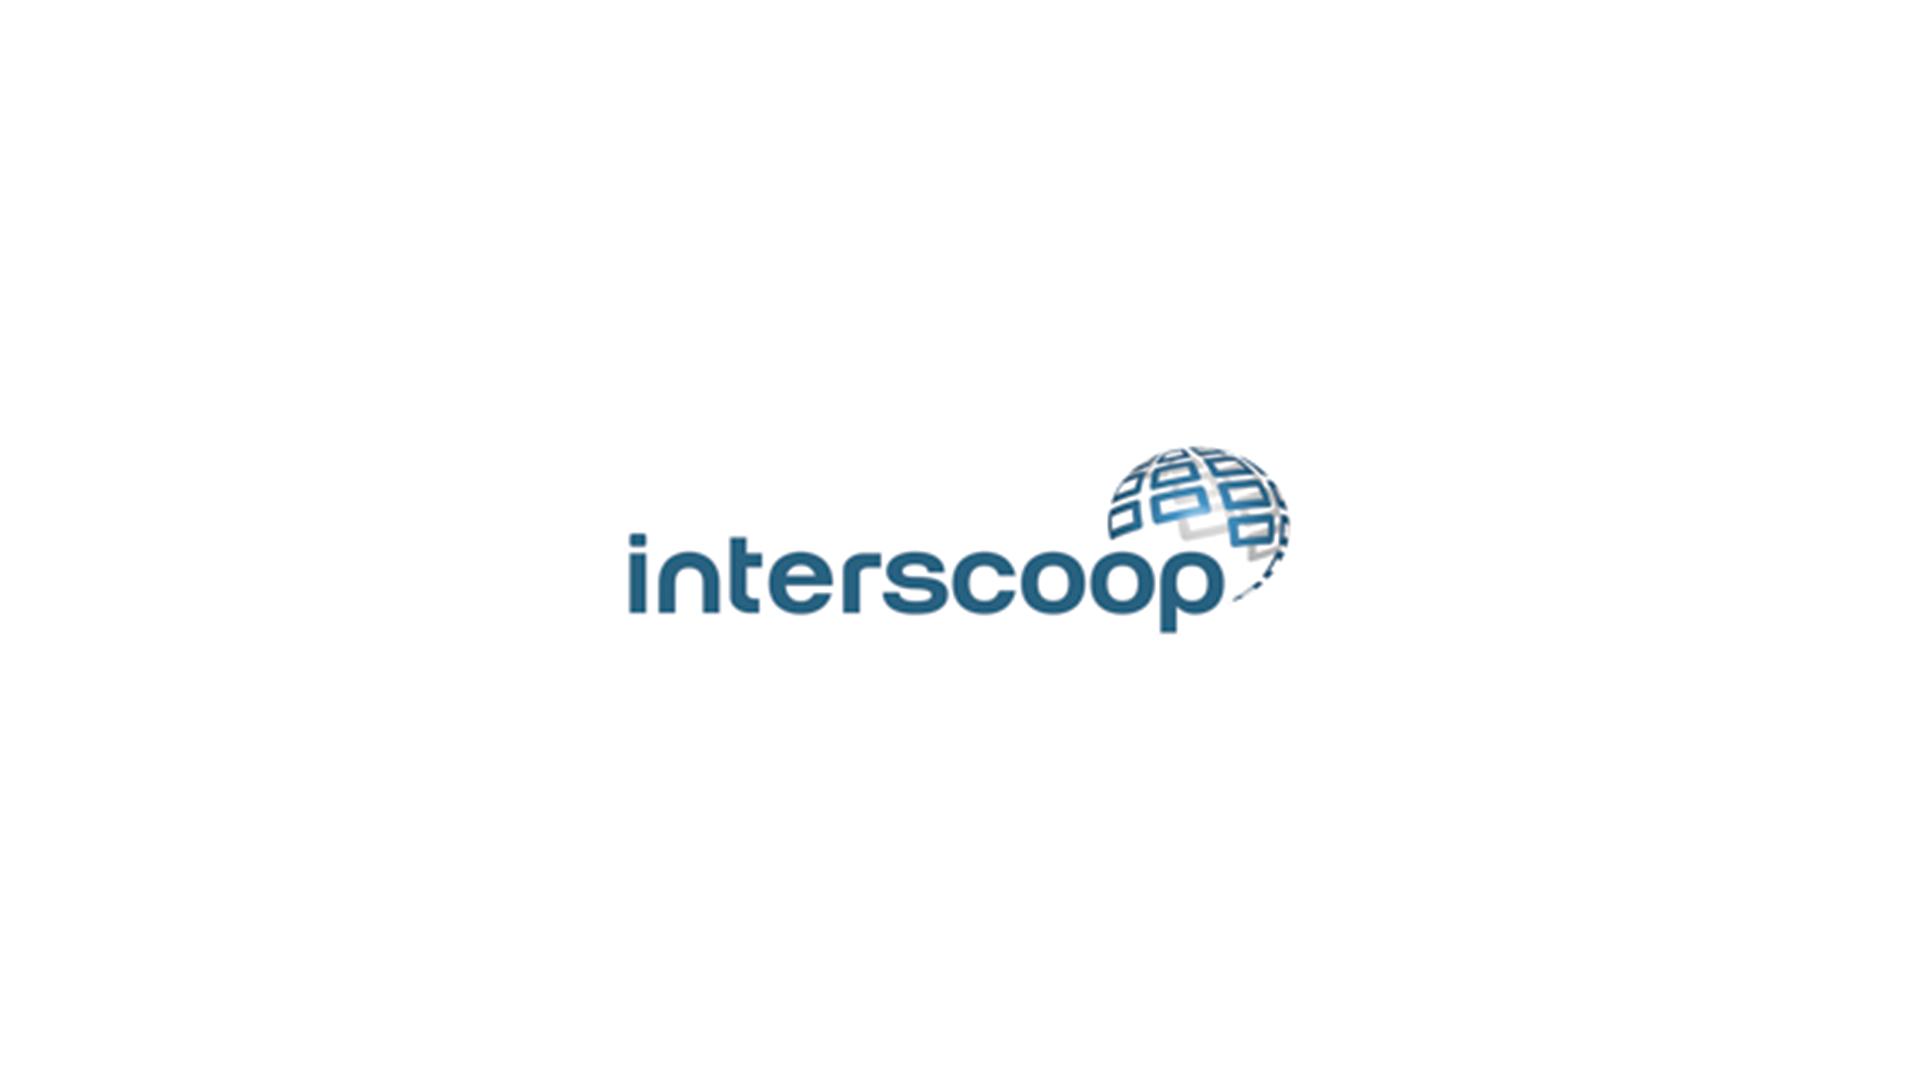 Interscoop